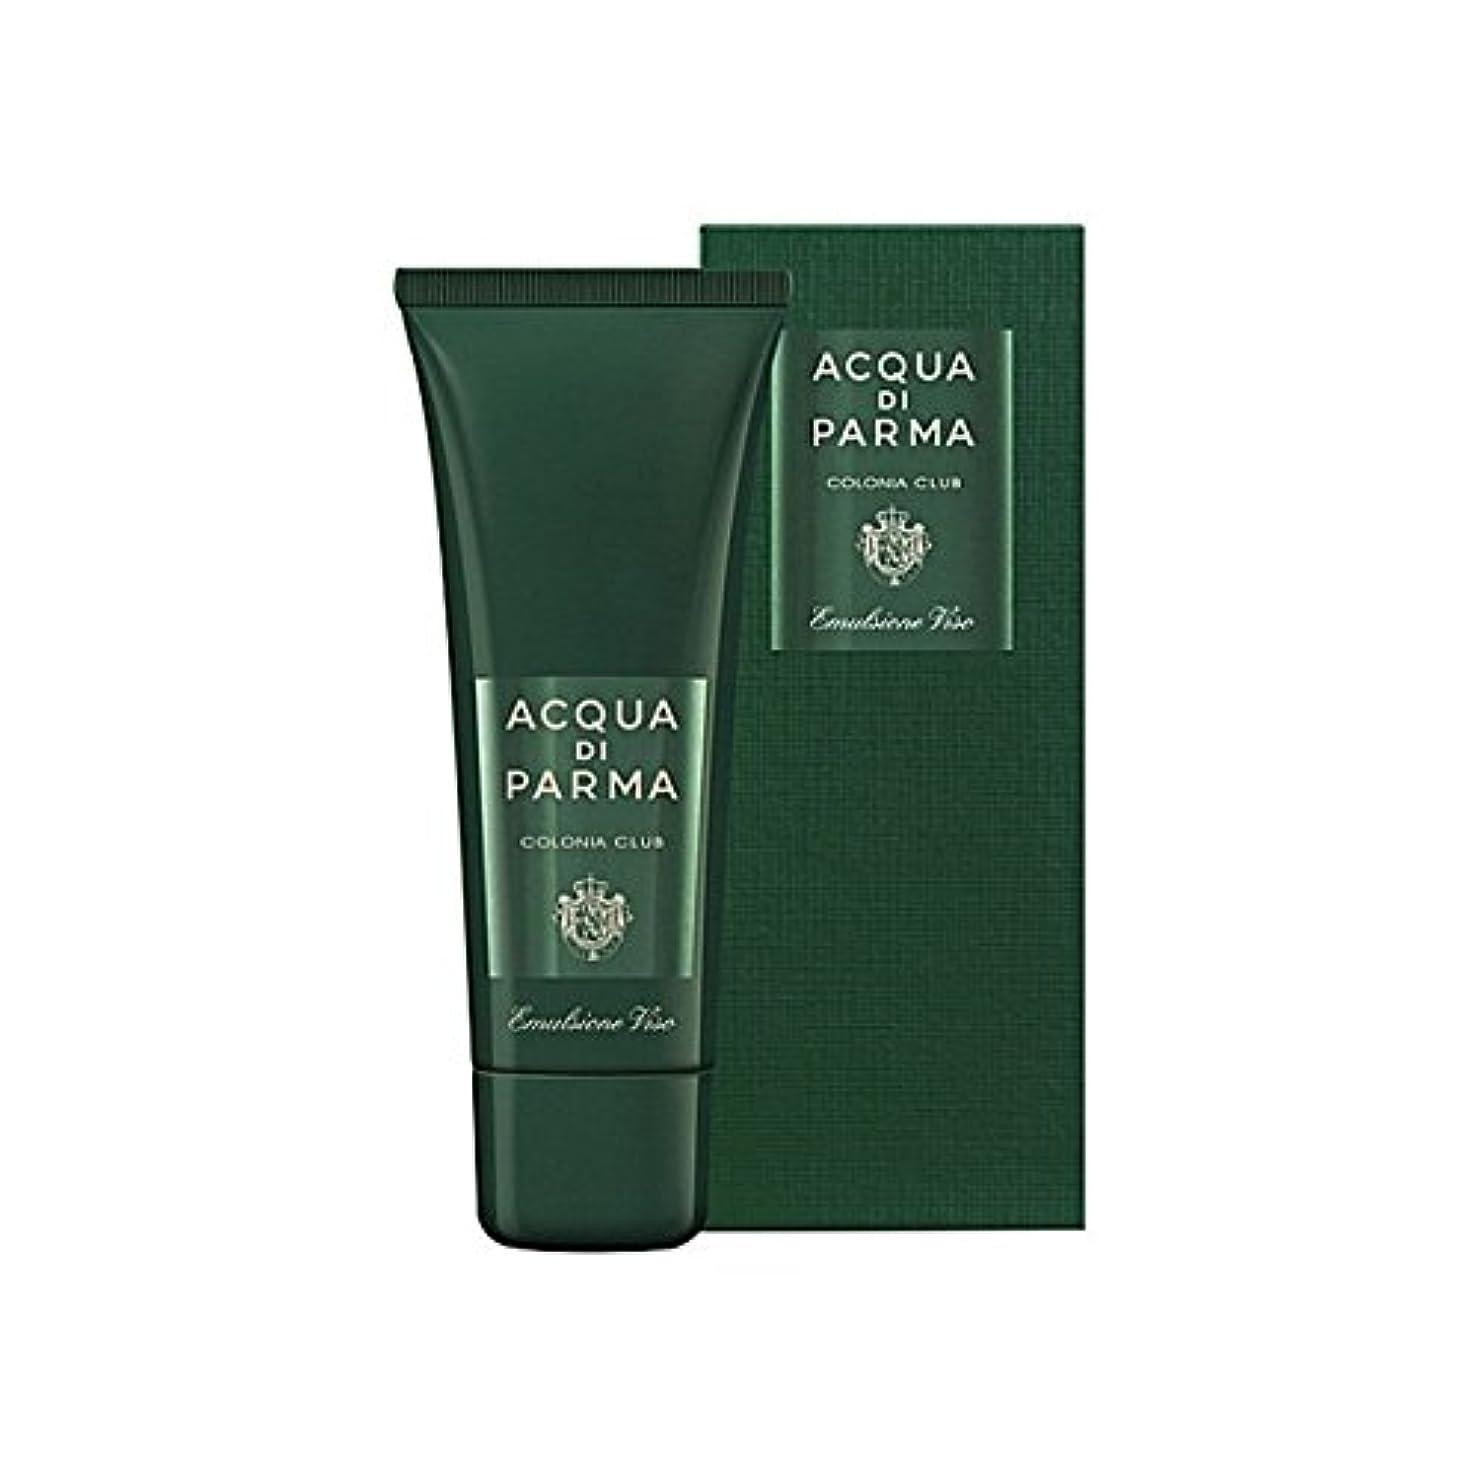 懐疑論削る適合しましたアクアディパルマコロニアクラブフェースエマルジョン75ミリリットル x4 - Acqua Di Parma Colonia Club Face Emulsion 75ml (Pack of 4) [並行輸入品]